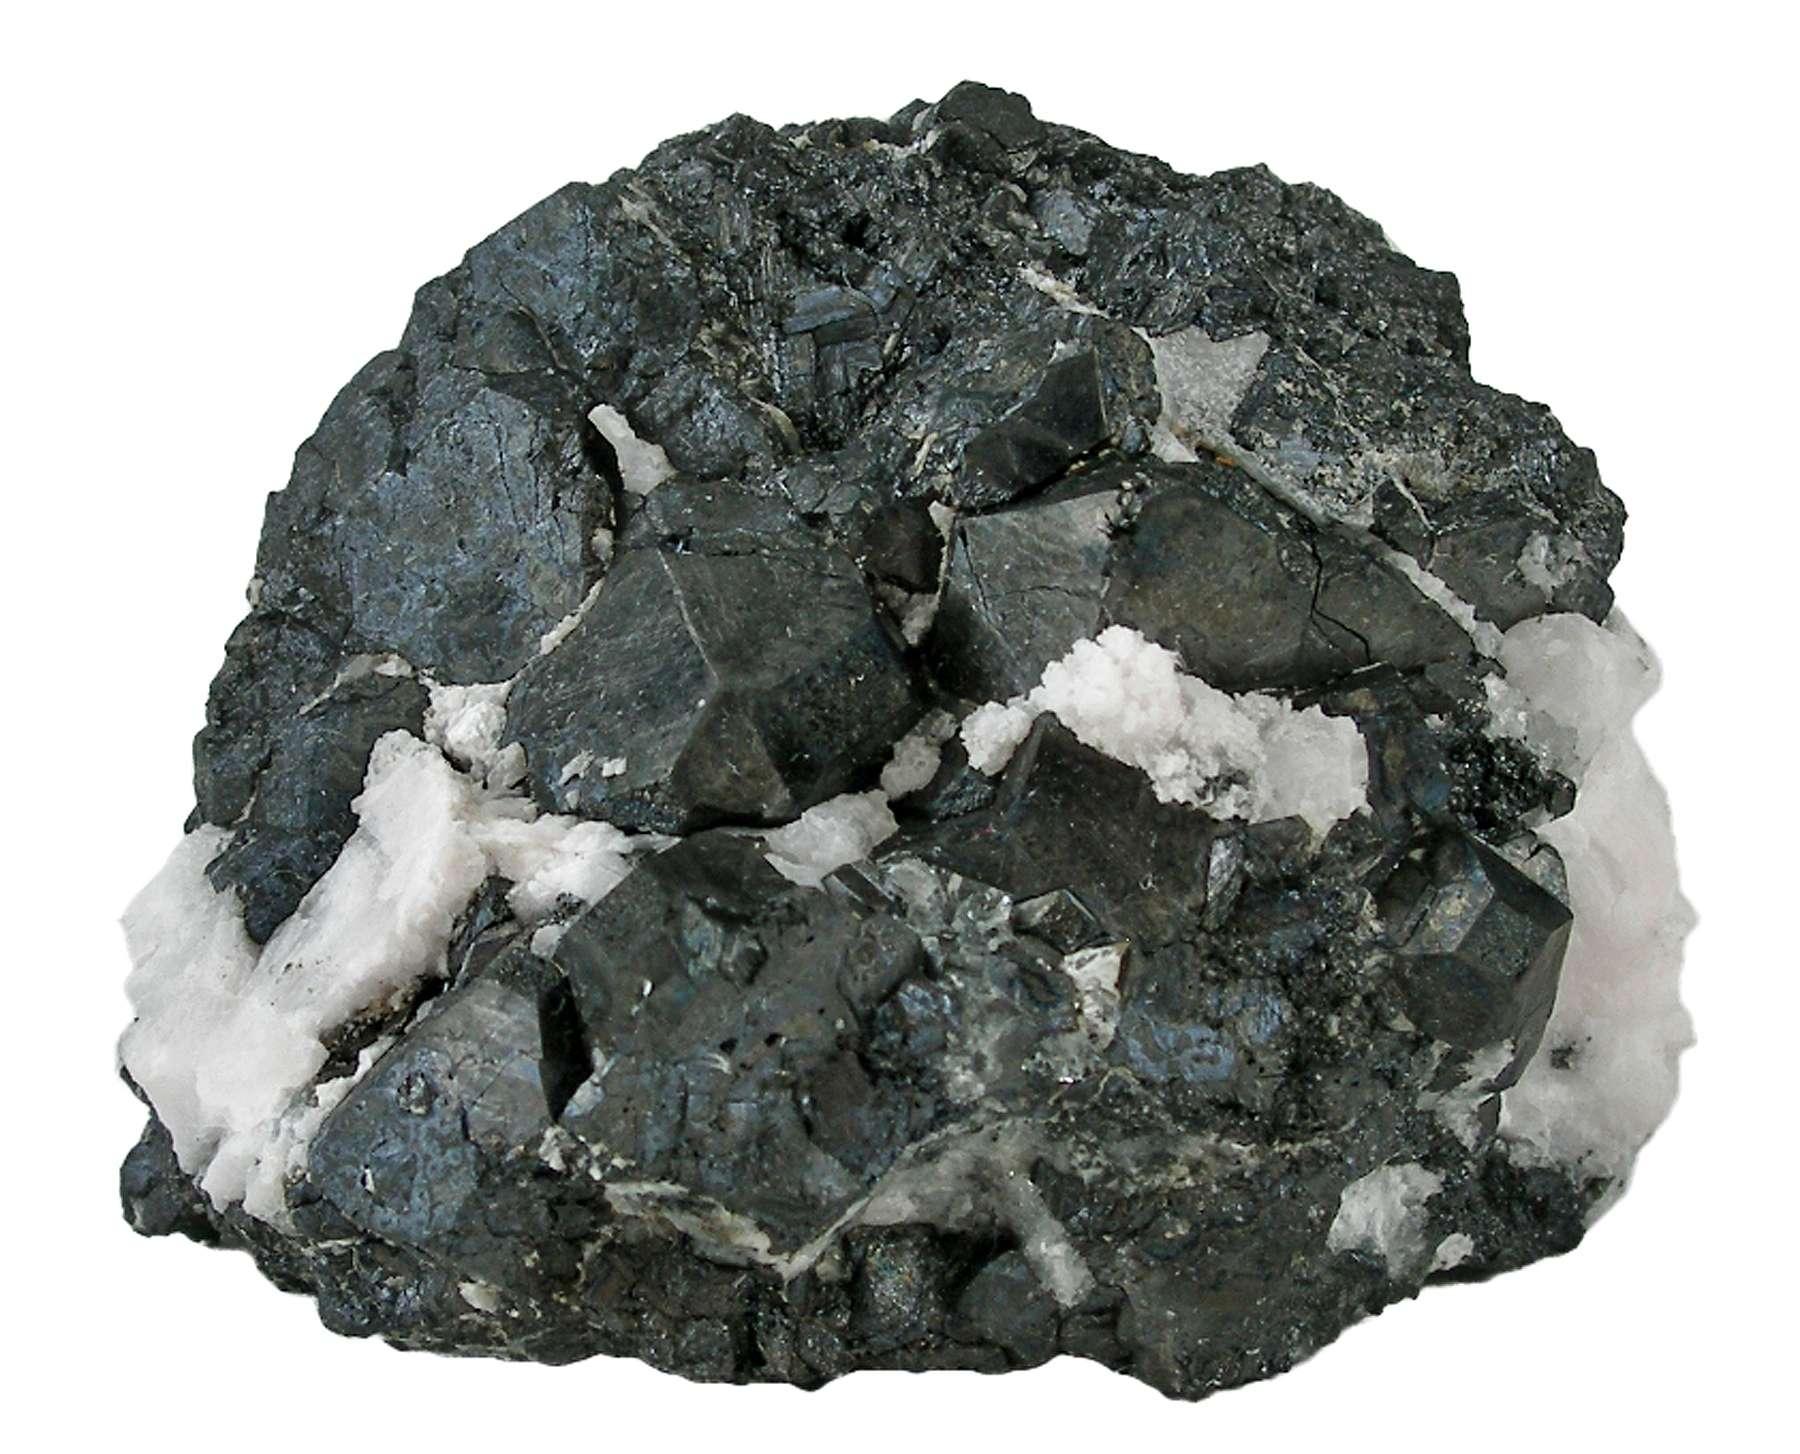 Sharp crystals including major sharp 1 6 cm crystal embedded matrix